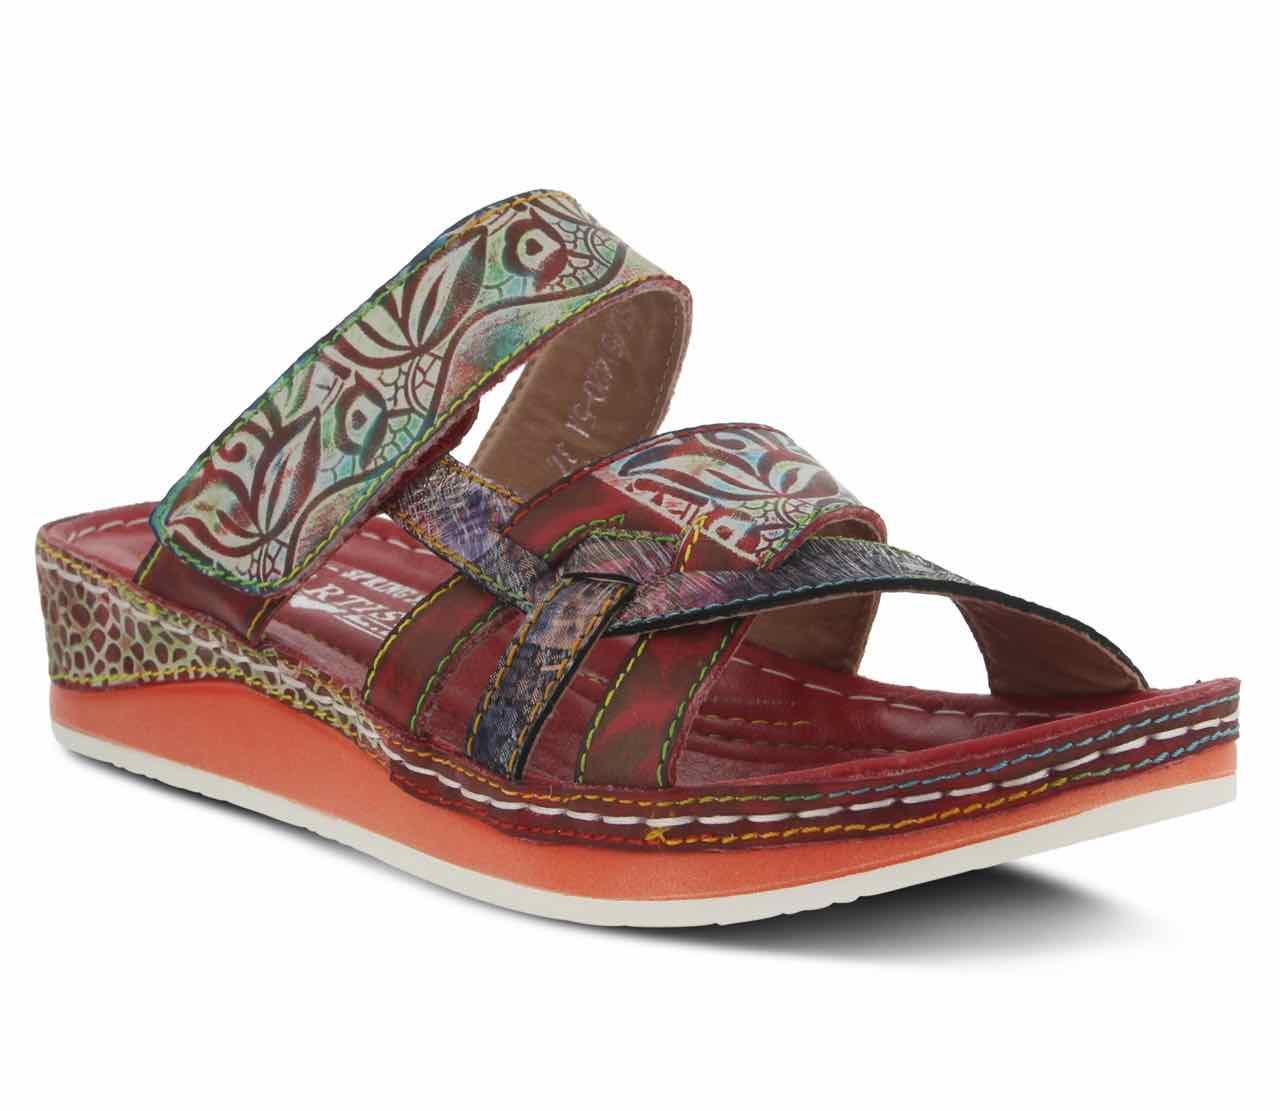 L'Artiste Caiman Slide Sandal, buy online